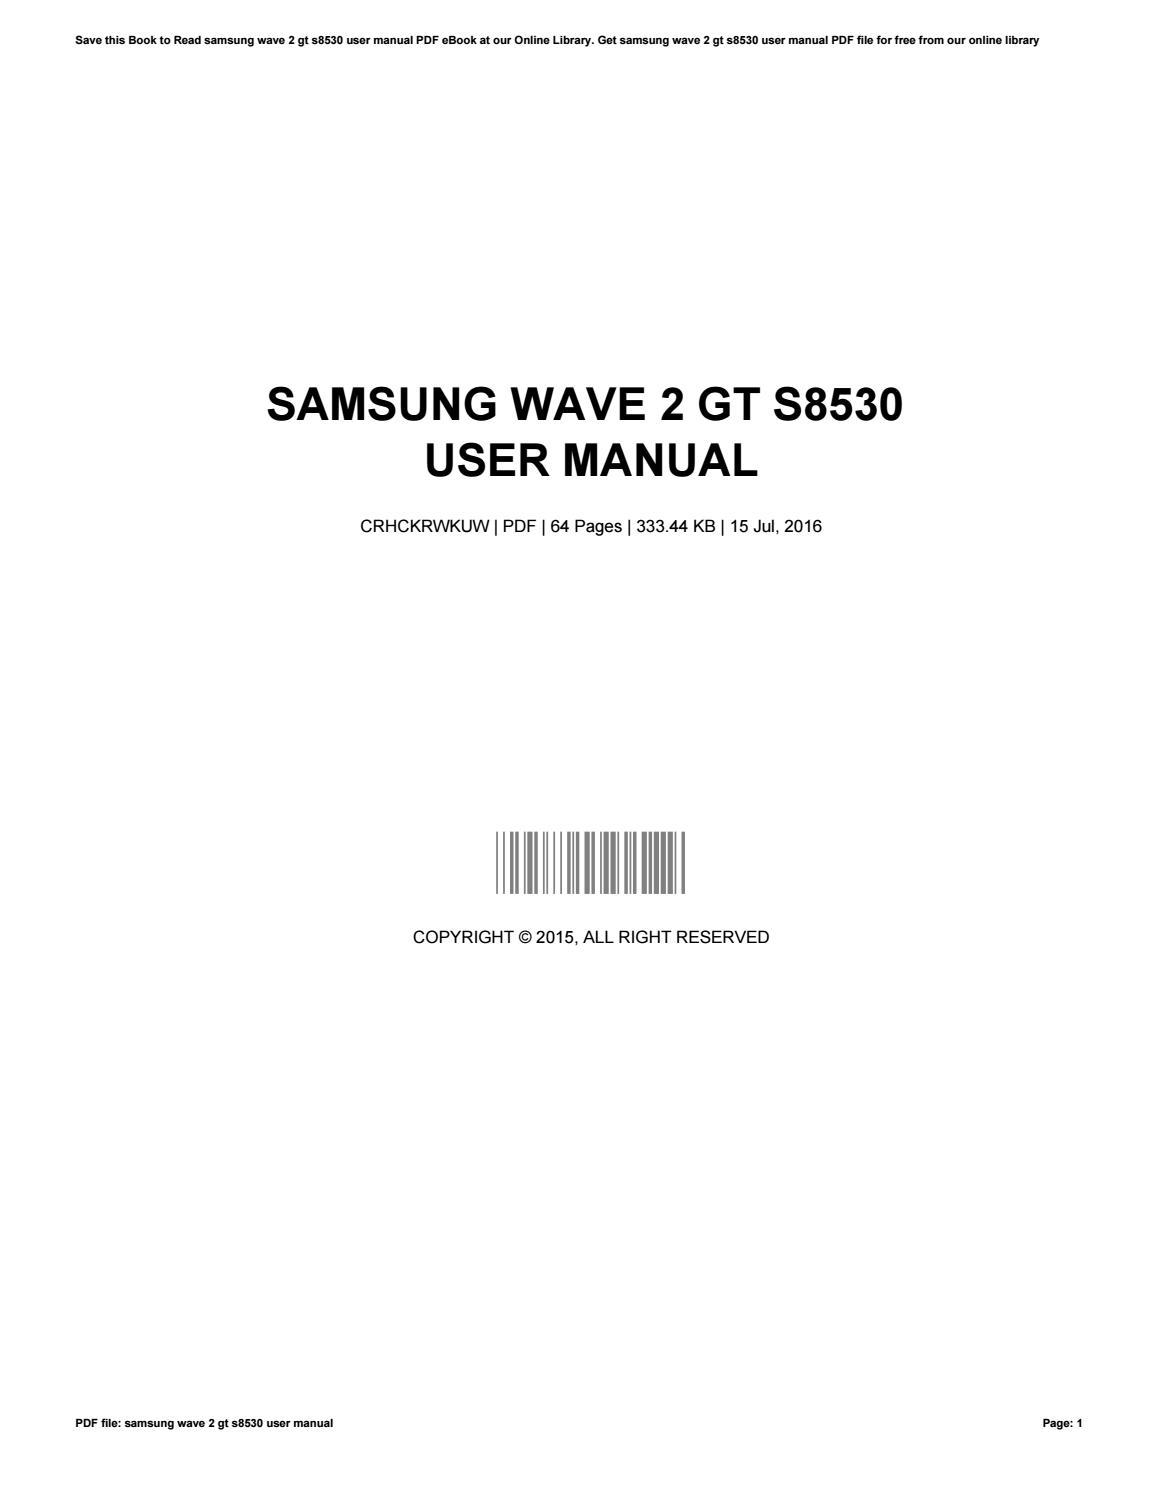 Samsung wave 2 инструкция